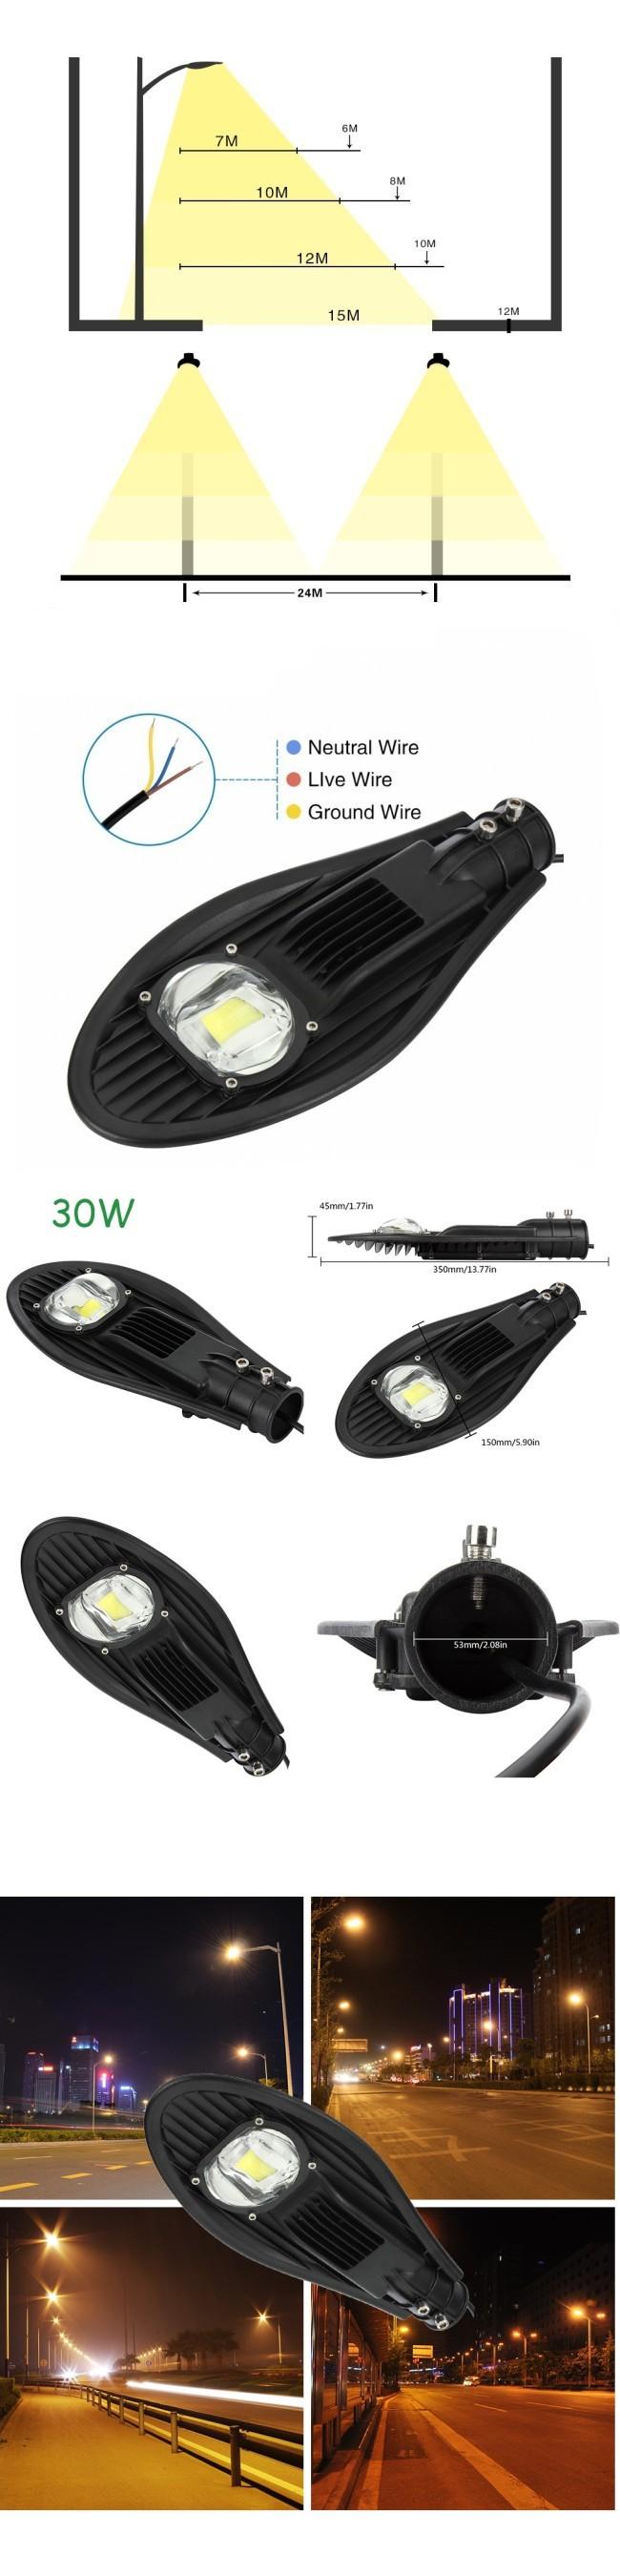 Garden High Quality 60 Watt LED Street Light Waterproof Ce RoHS